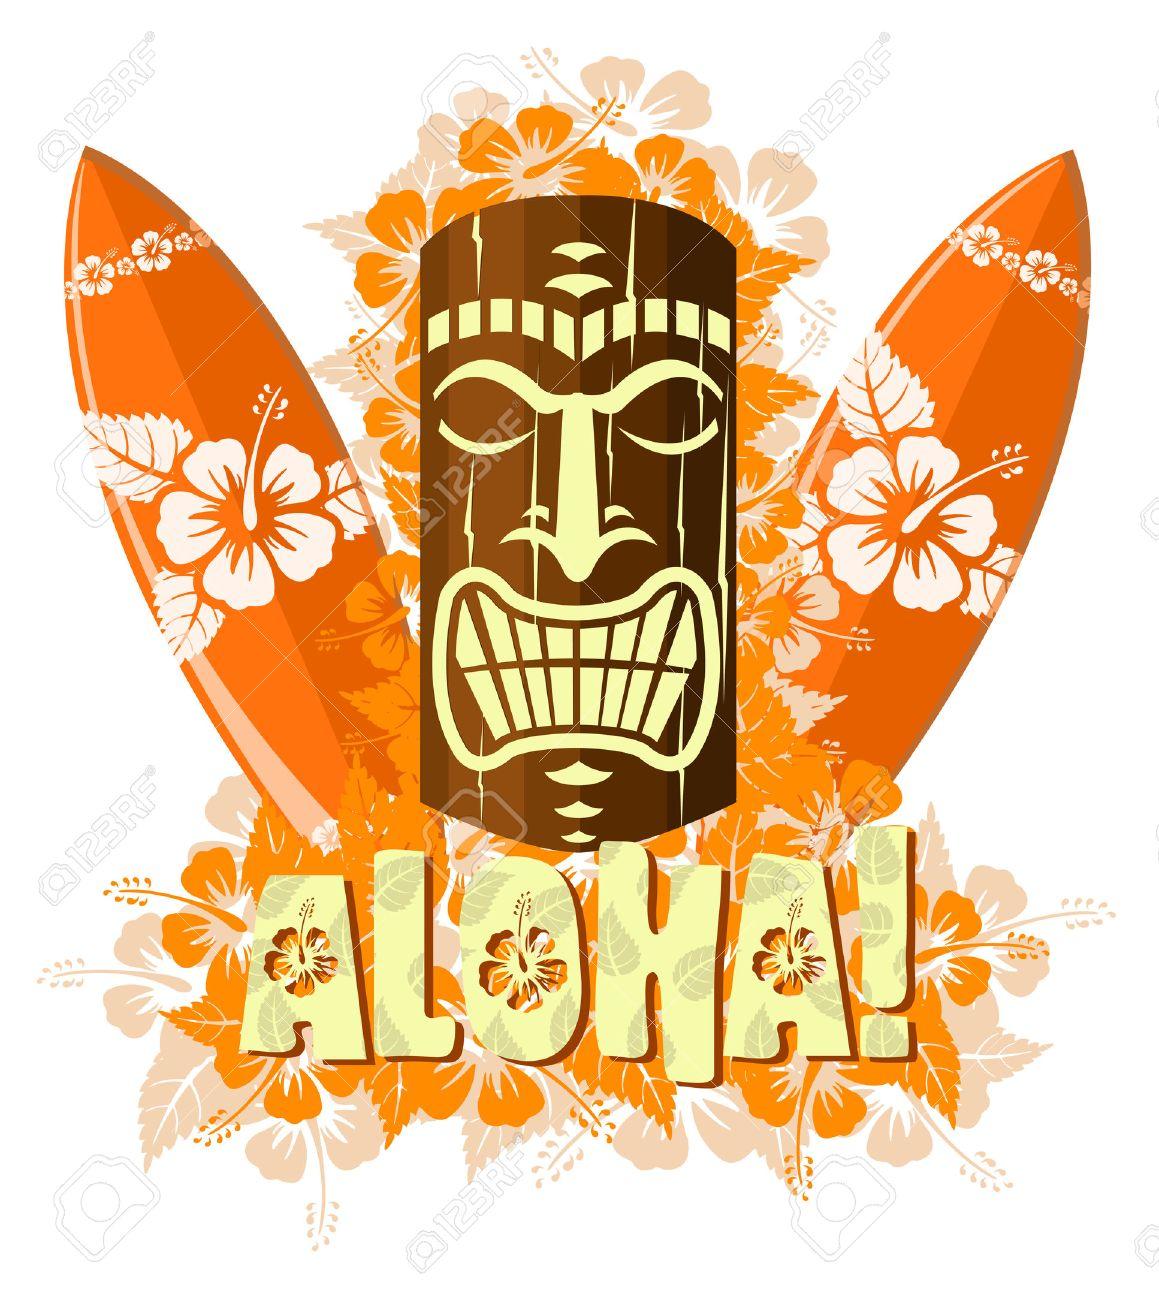 banque dimages illustration vectorielle de tiki orange masque avec les planches de surf et remettre le texte dessin aloha